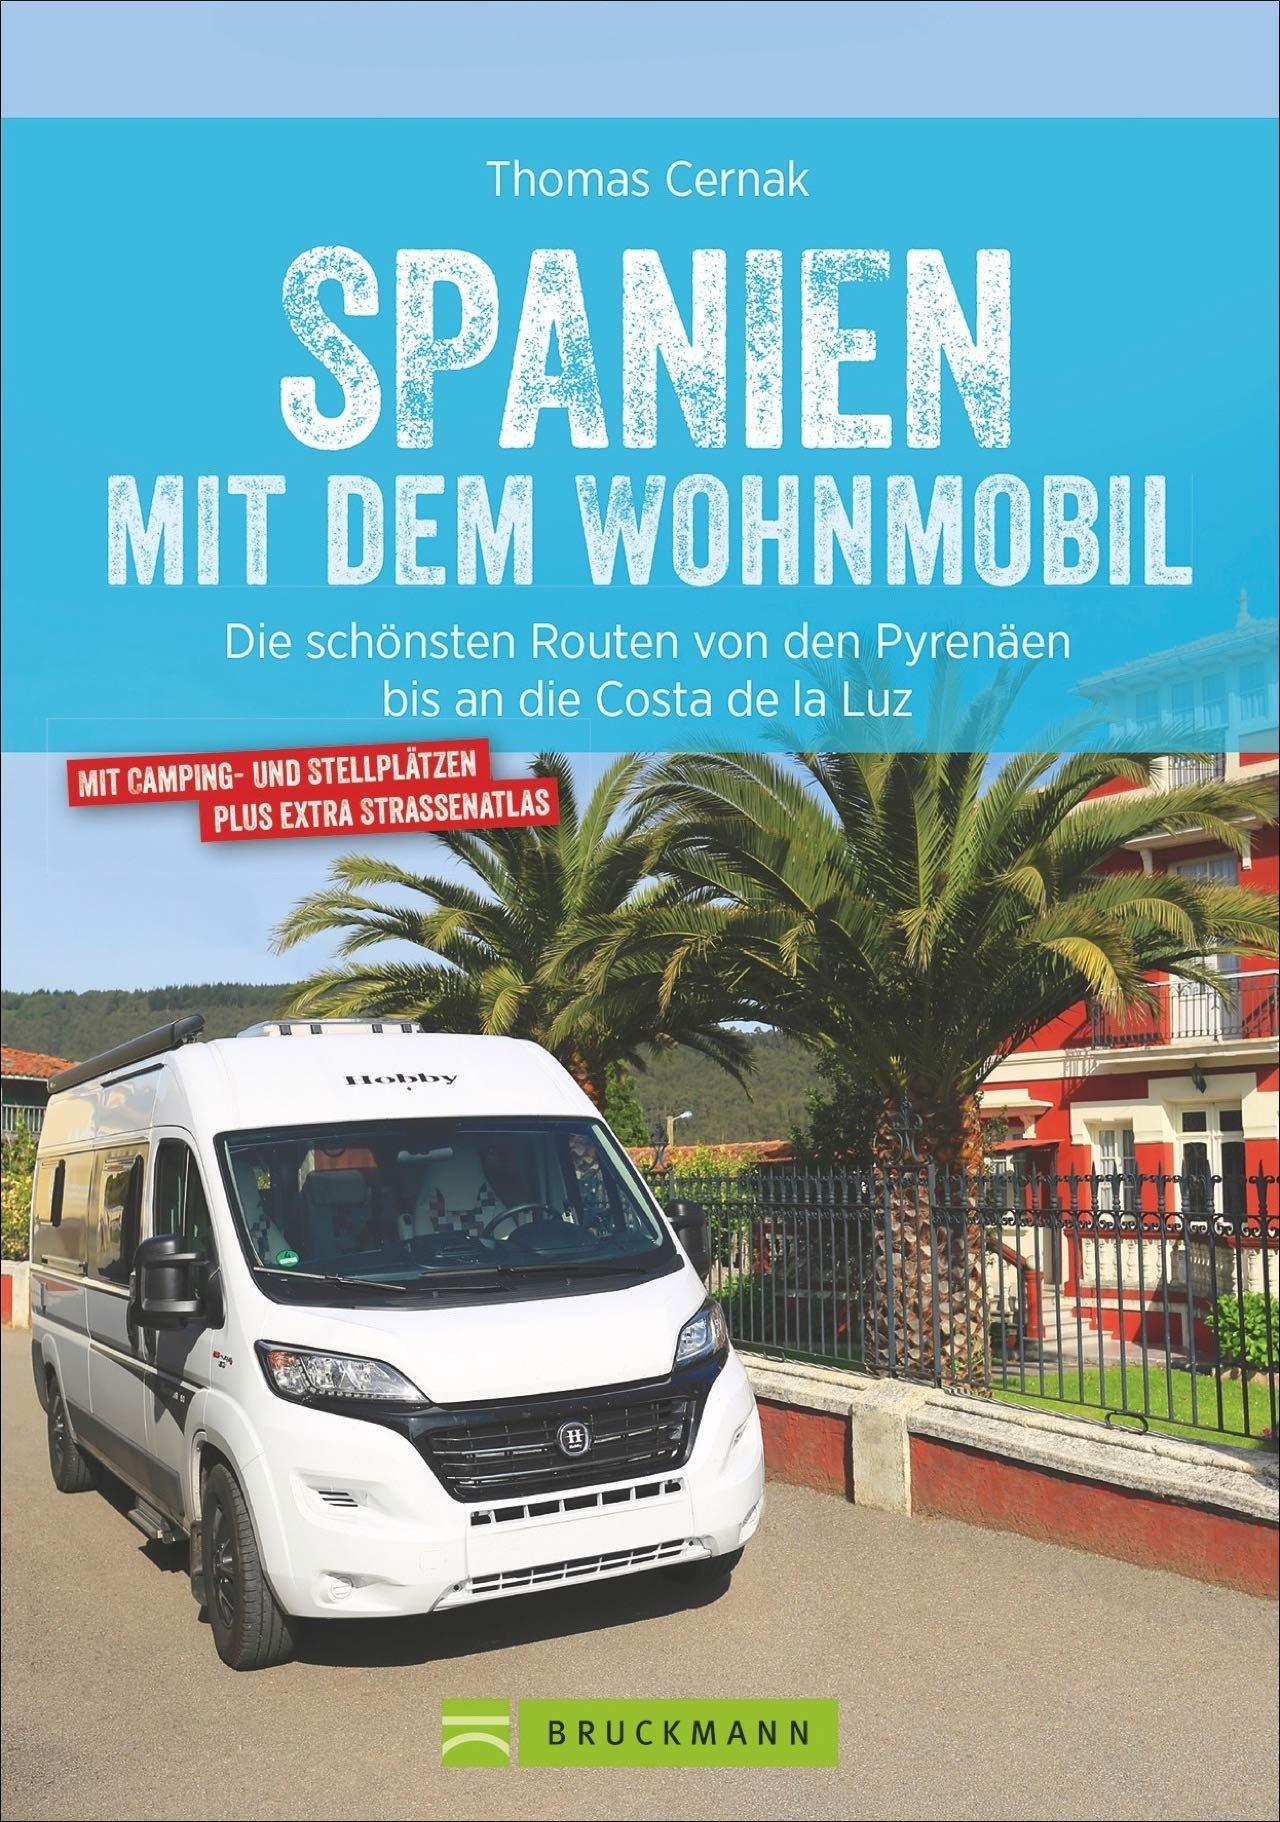 Spanien mit dem Wohnmobil 9783734309748  Bruckmann Bruckmann, mit dem Wohnmobil  Op reis met je camper, Reisgidsen Spanje